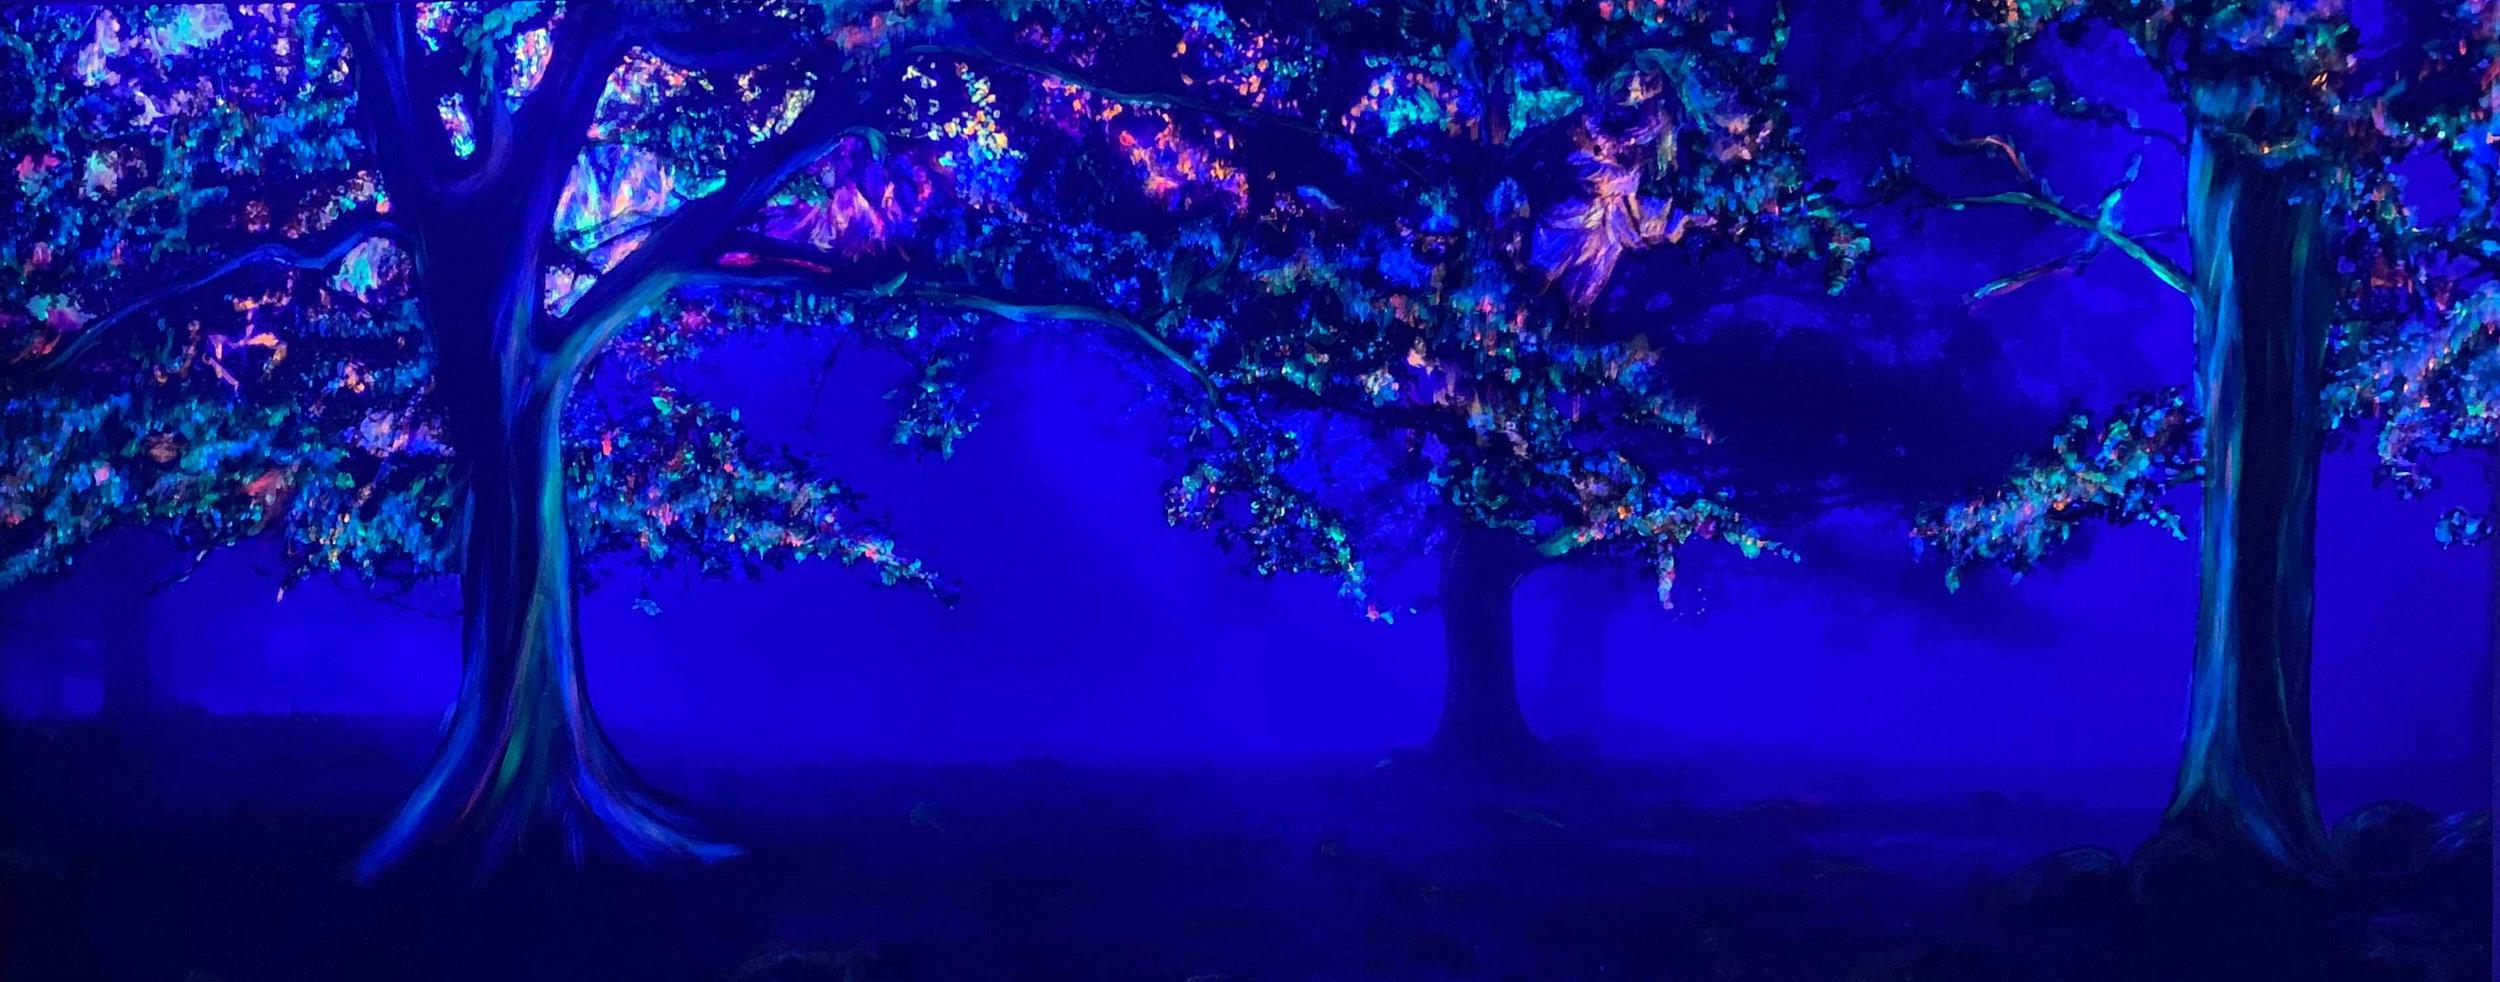 black light tree.jpg